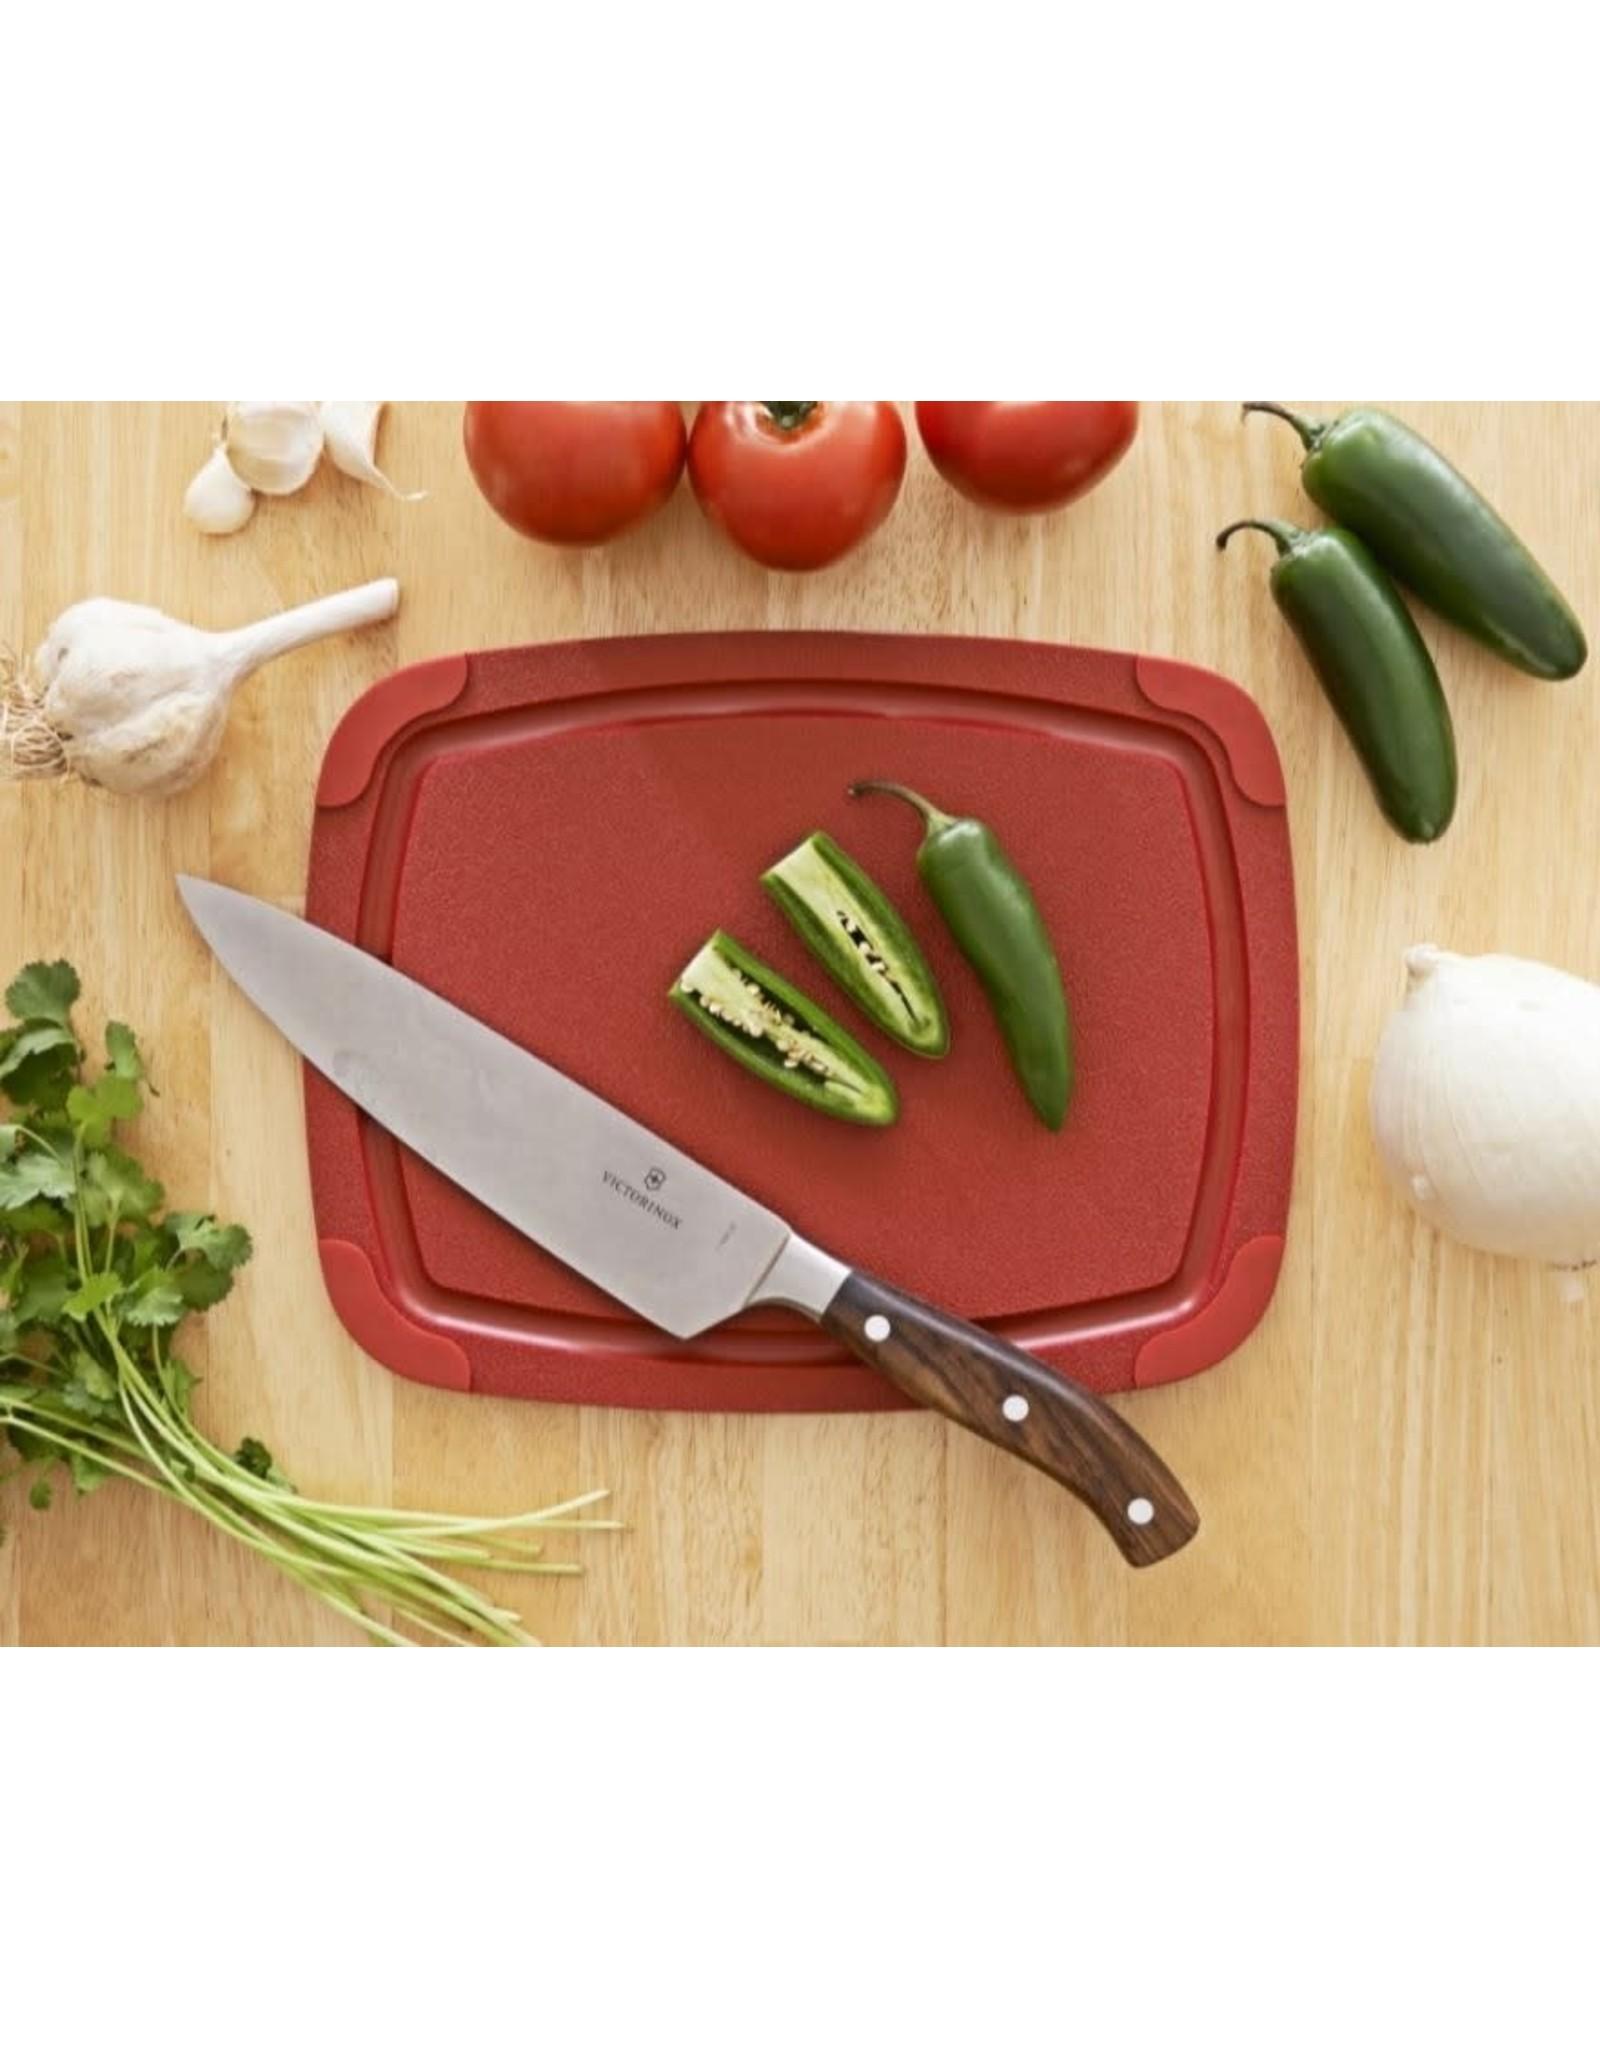 Epicurean Cutting Board, Red, 17x13